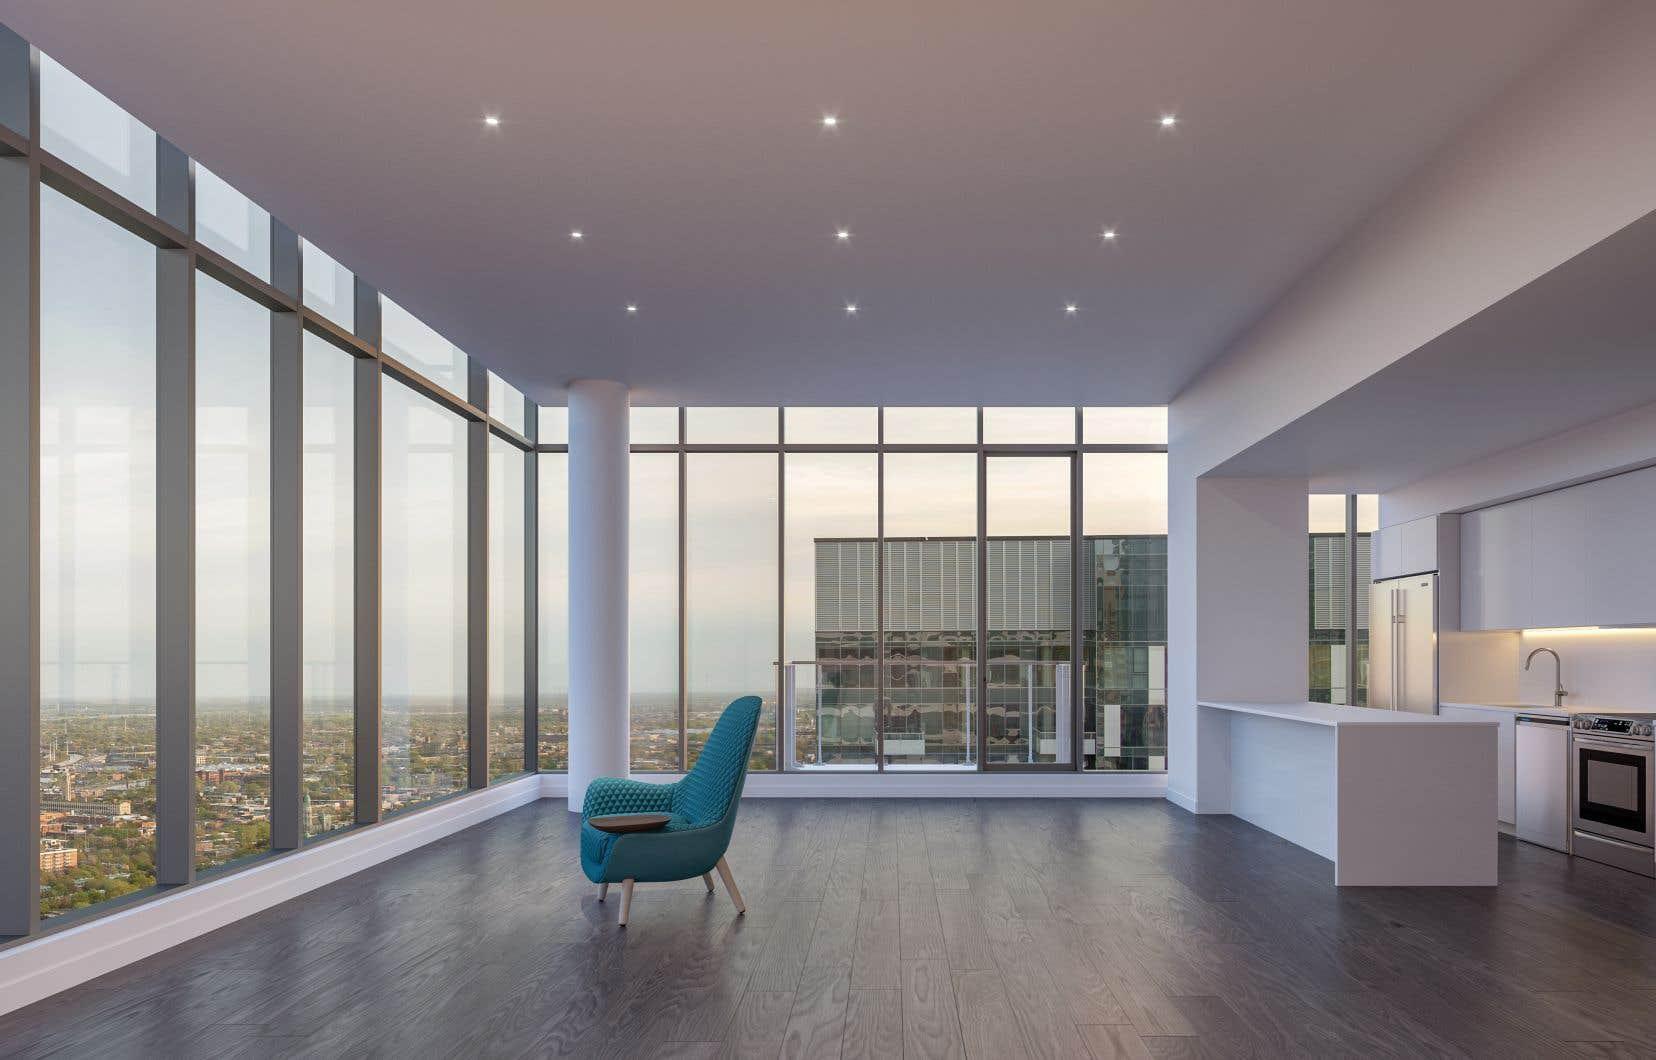 Quand vient le temps d'acheter, il y a certains avantages à se tourner vers les habitations neuves.